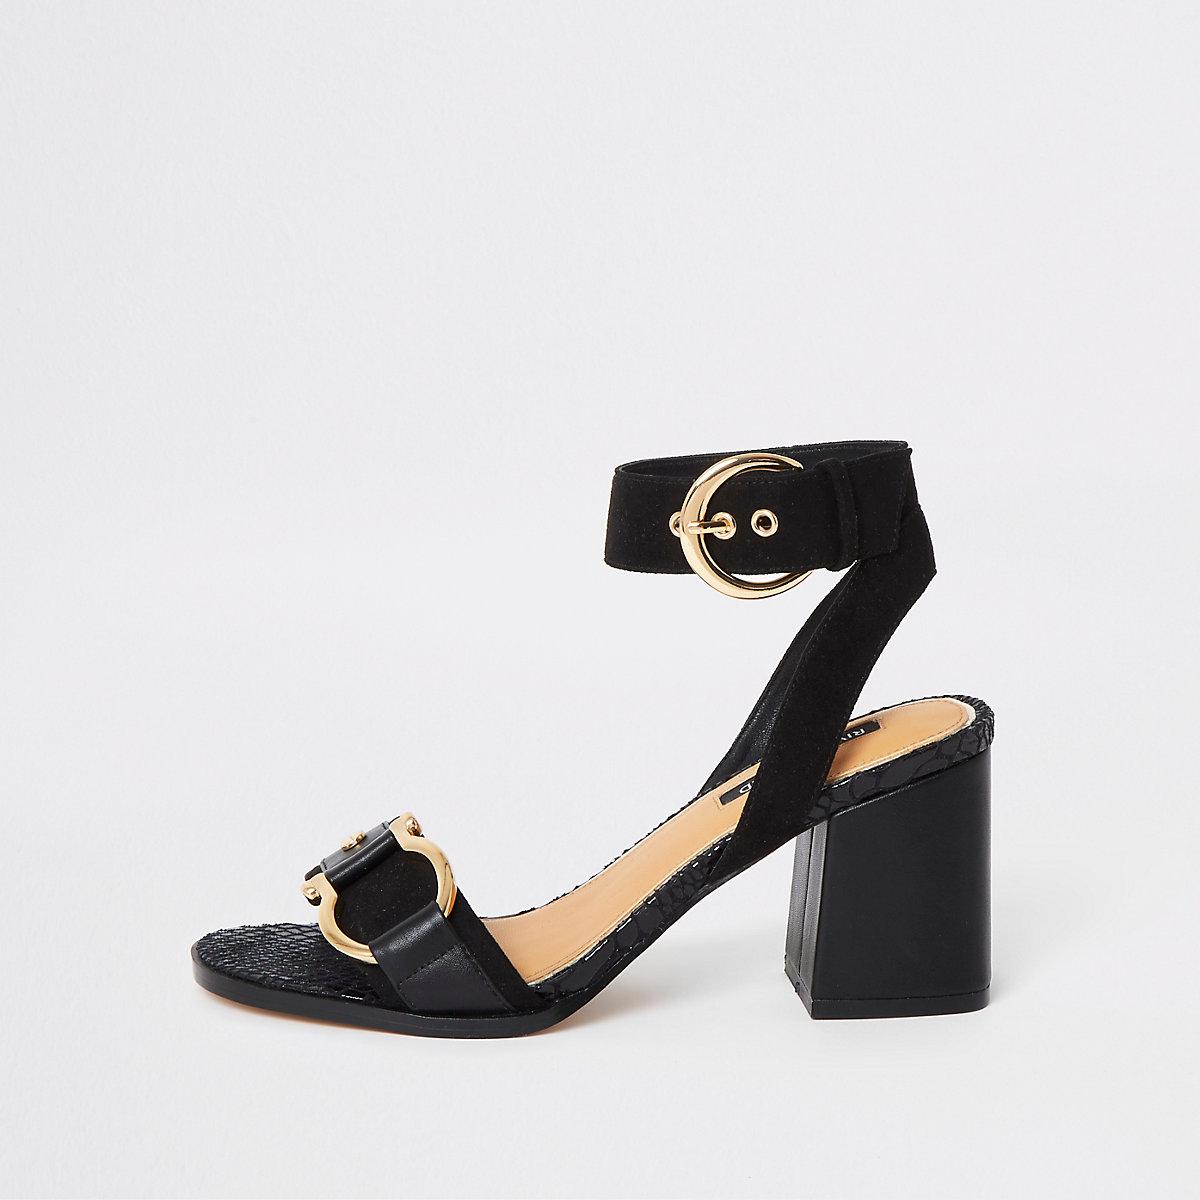 Black buckle front block heels